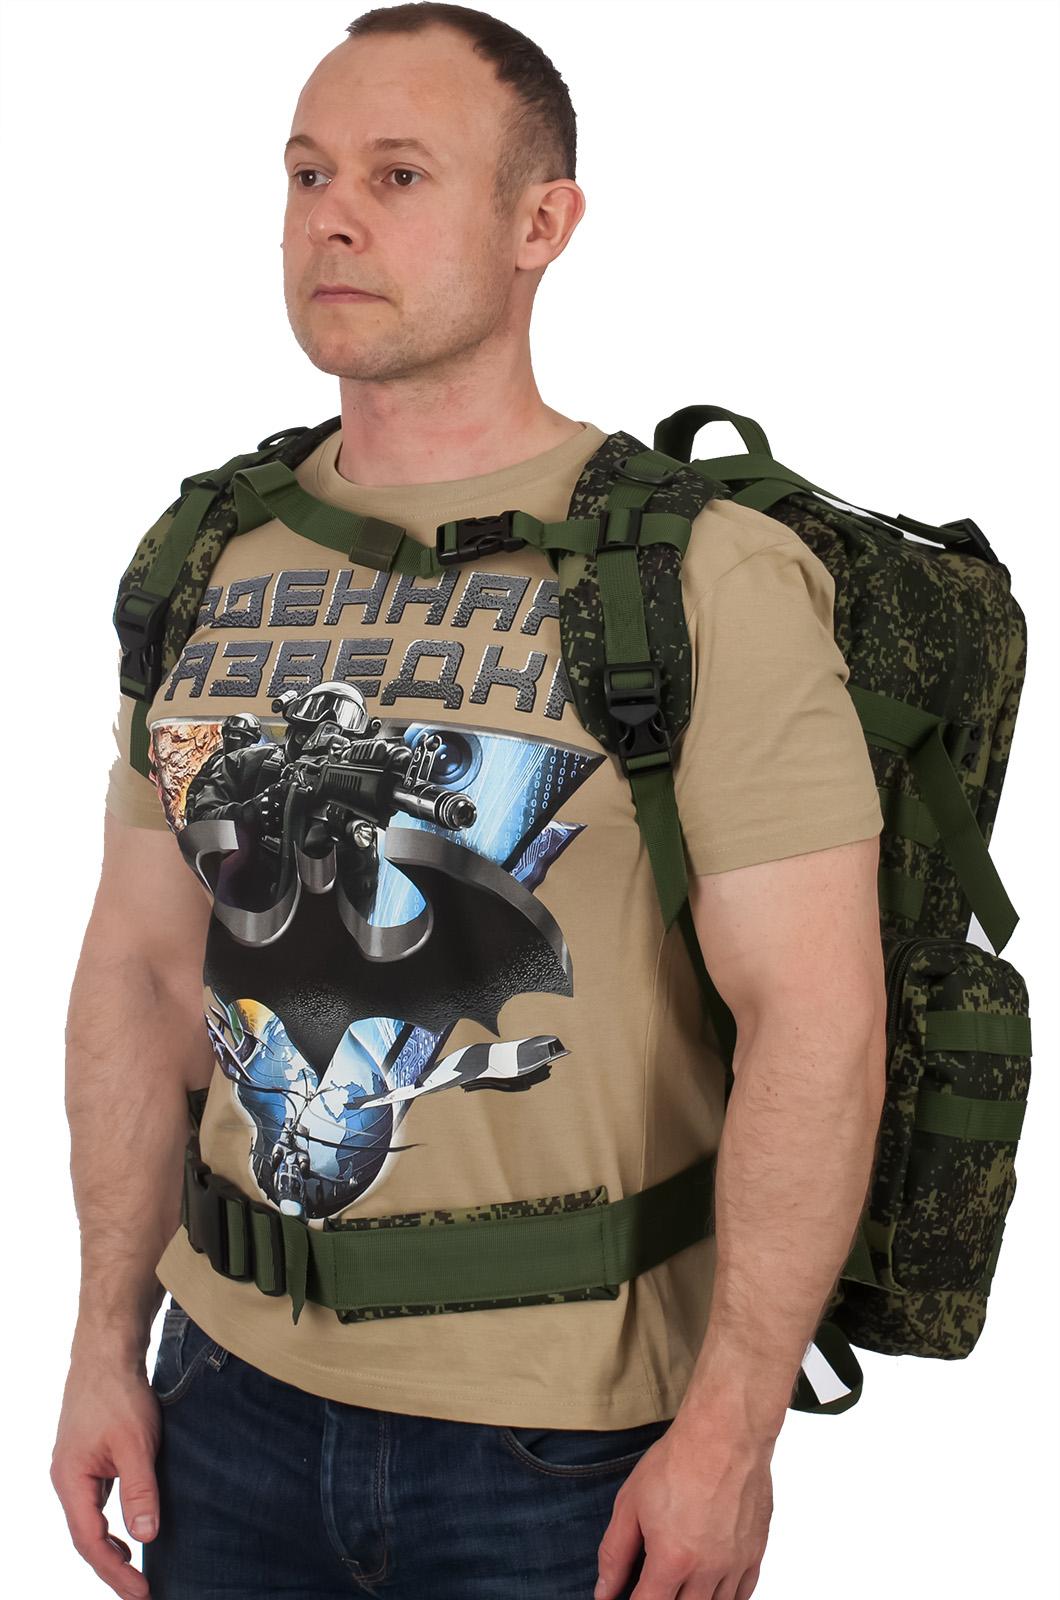 Тактический камуфляжный рюкзак с нашивкой Спецназ - купить онлайн